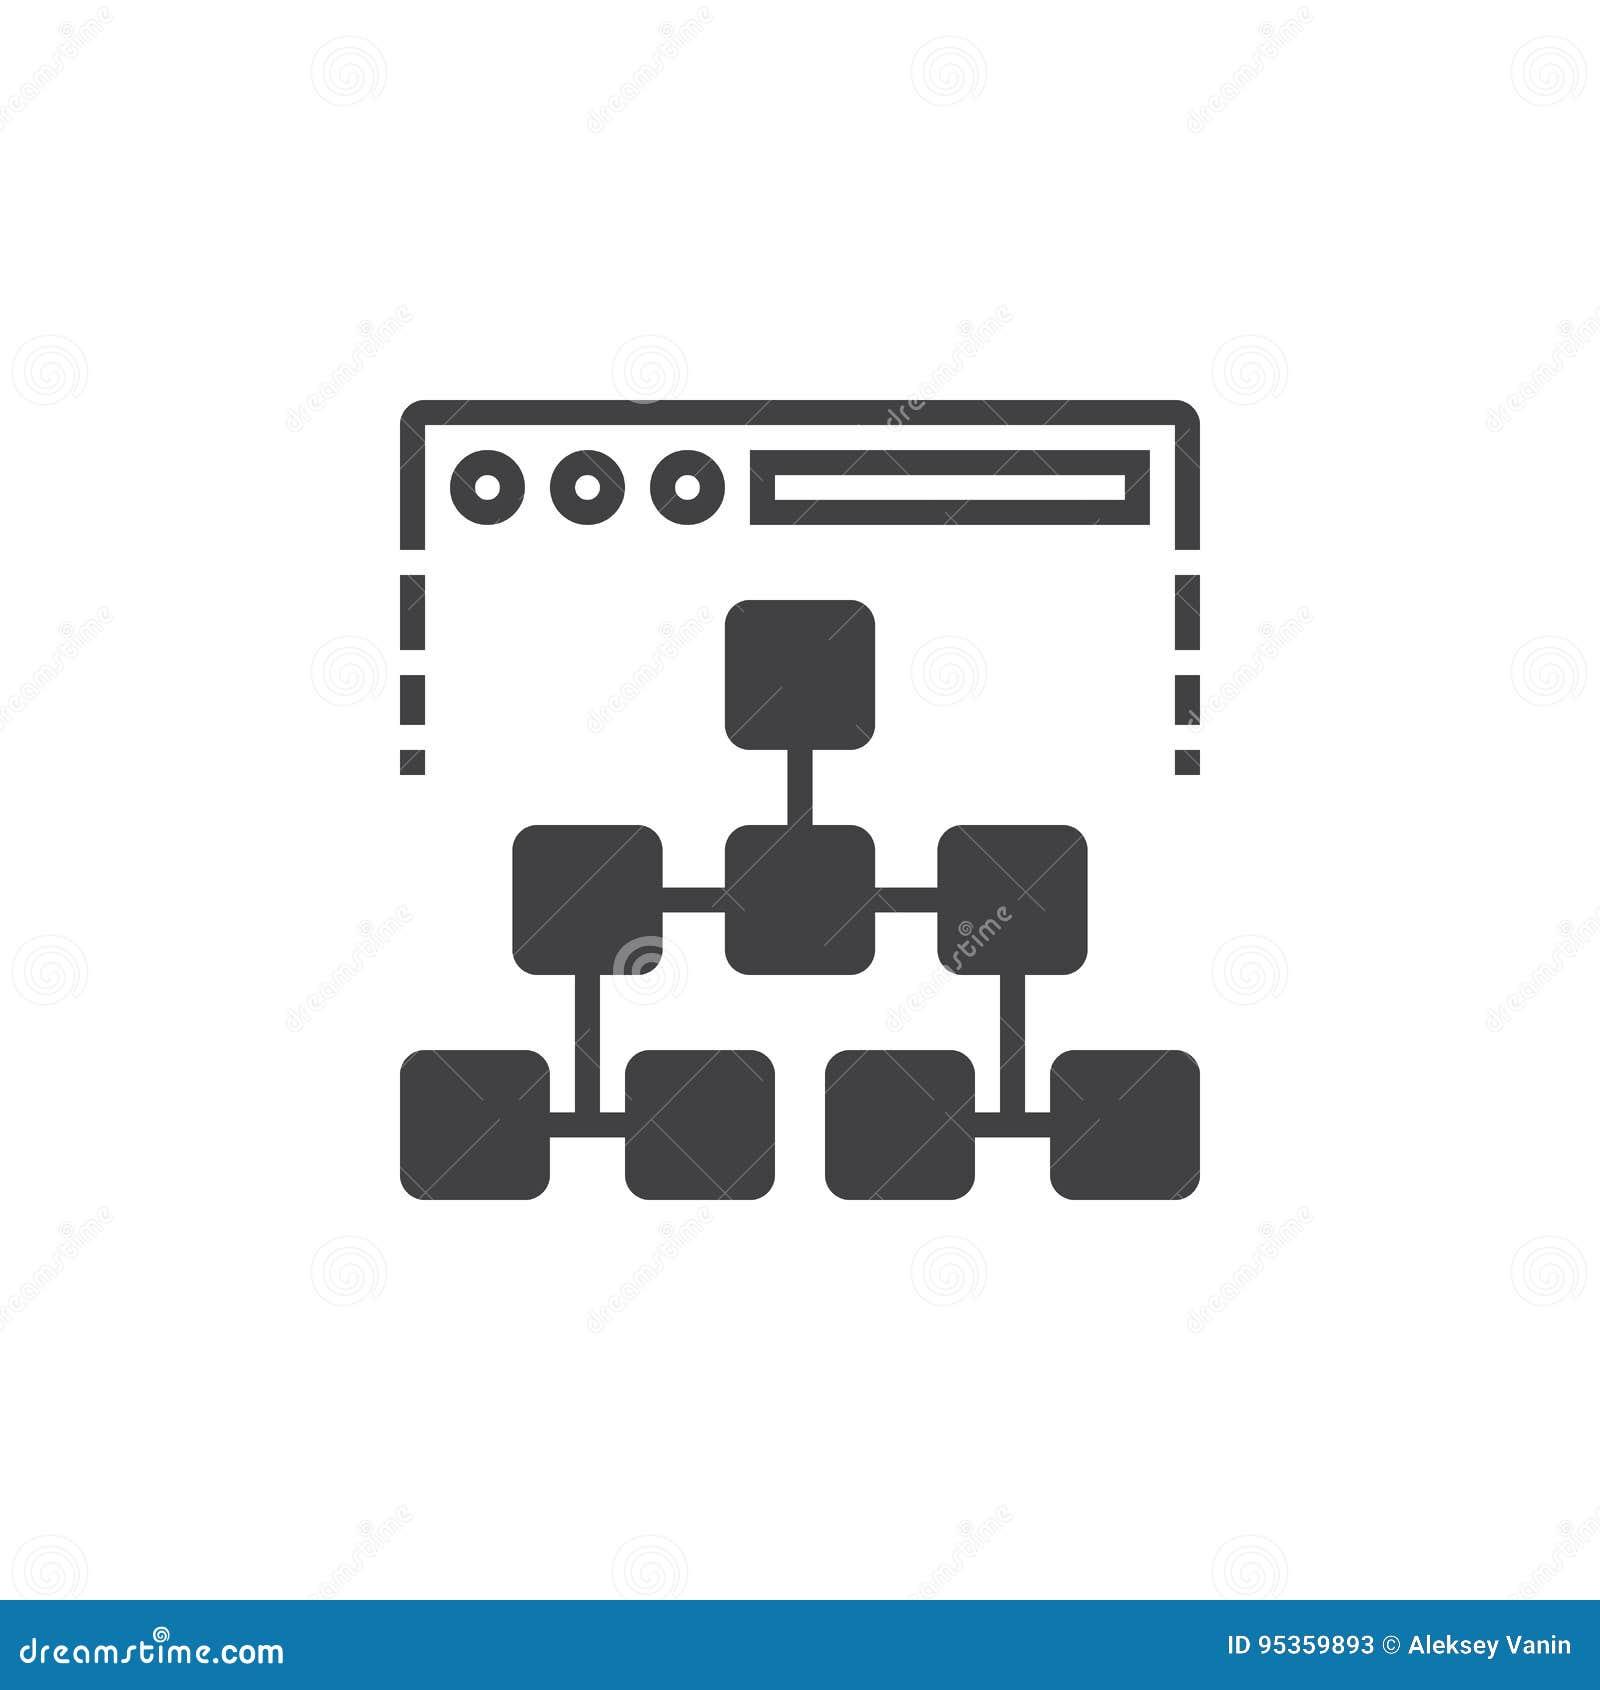 Vektor för symbol för platsöversikt, fyllt plant tecken, isolerad fast pictogram